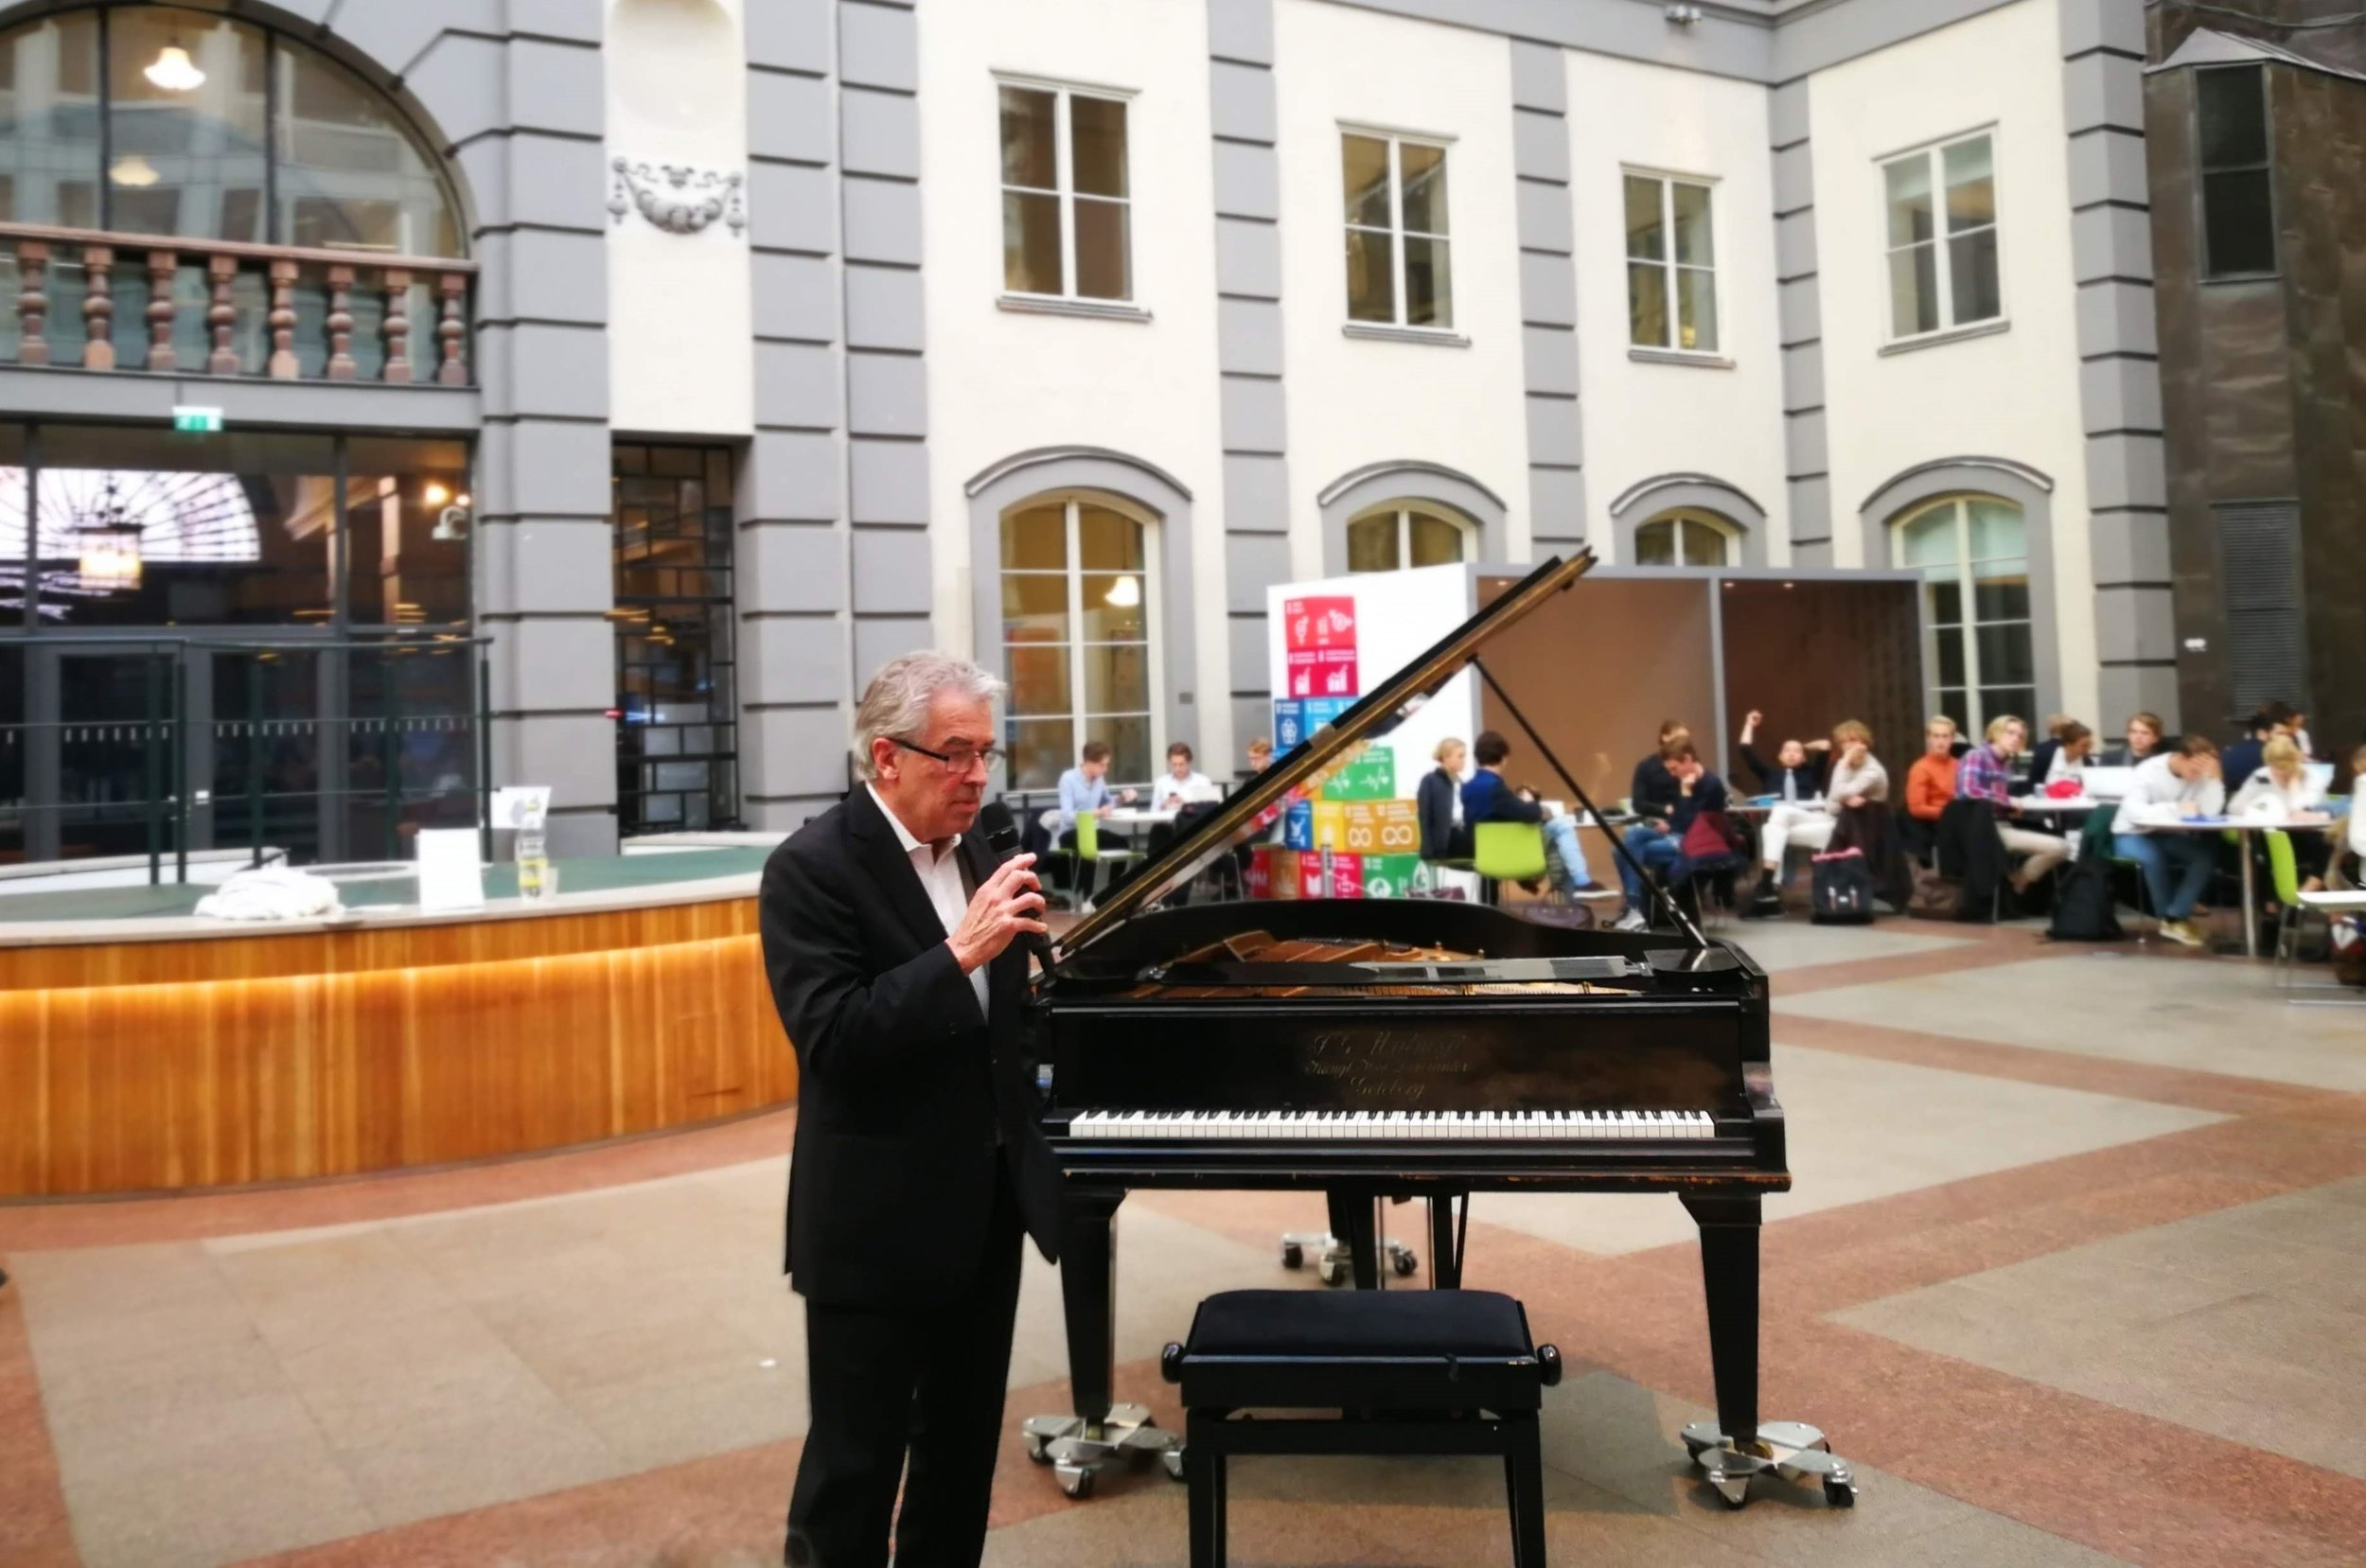 Профессор Стафан Скейя, всемирноизвестный шведский пианист, дает первый концерт рояле Ингмара Бергмана в Стокгольмской школе экономики. Фото: hhs.se